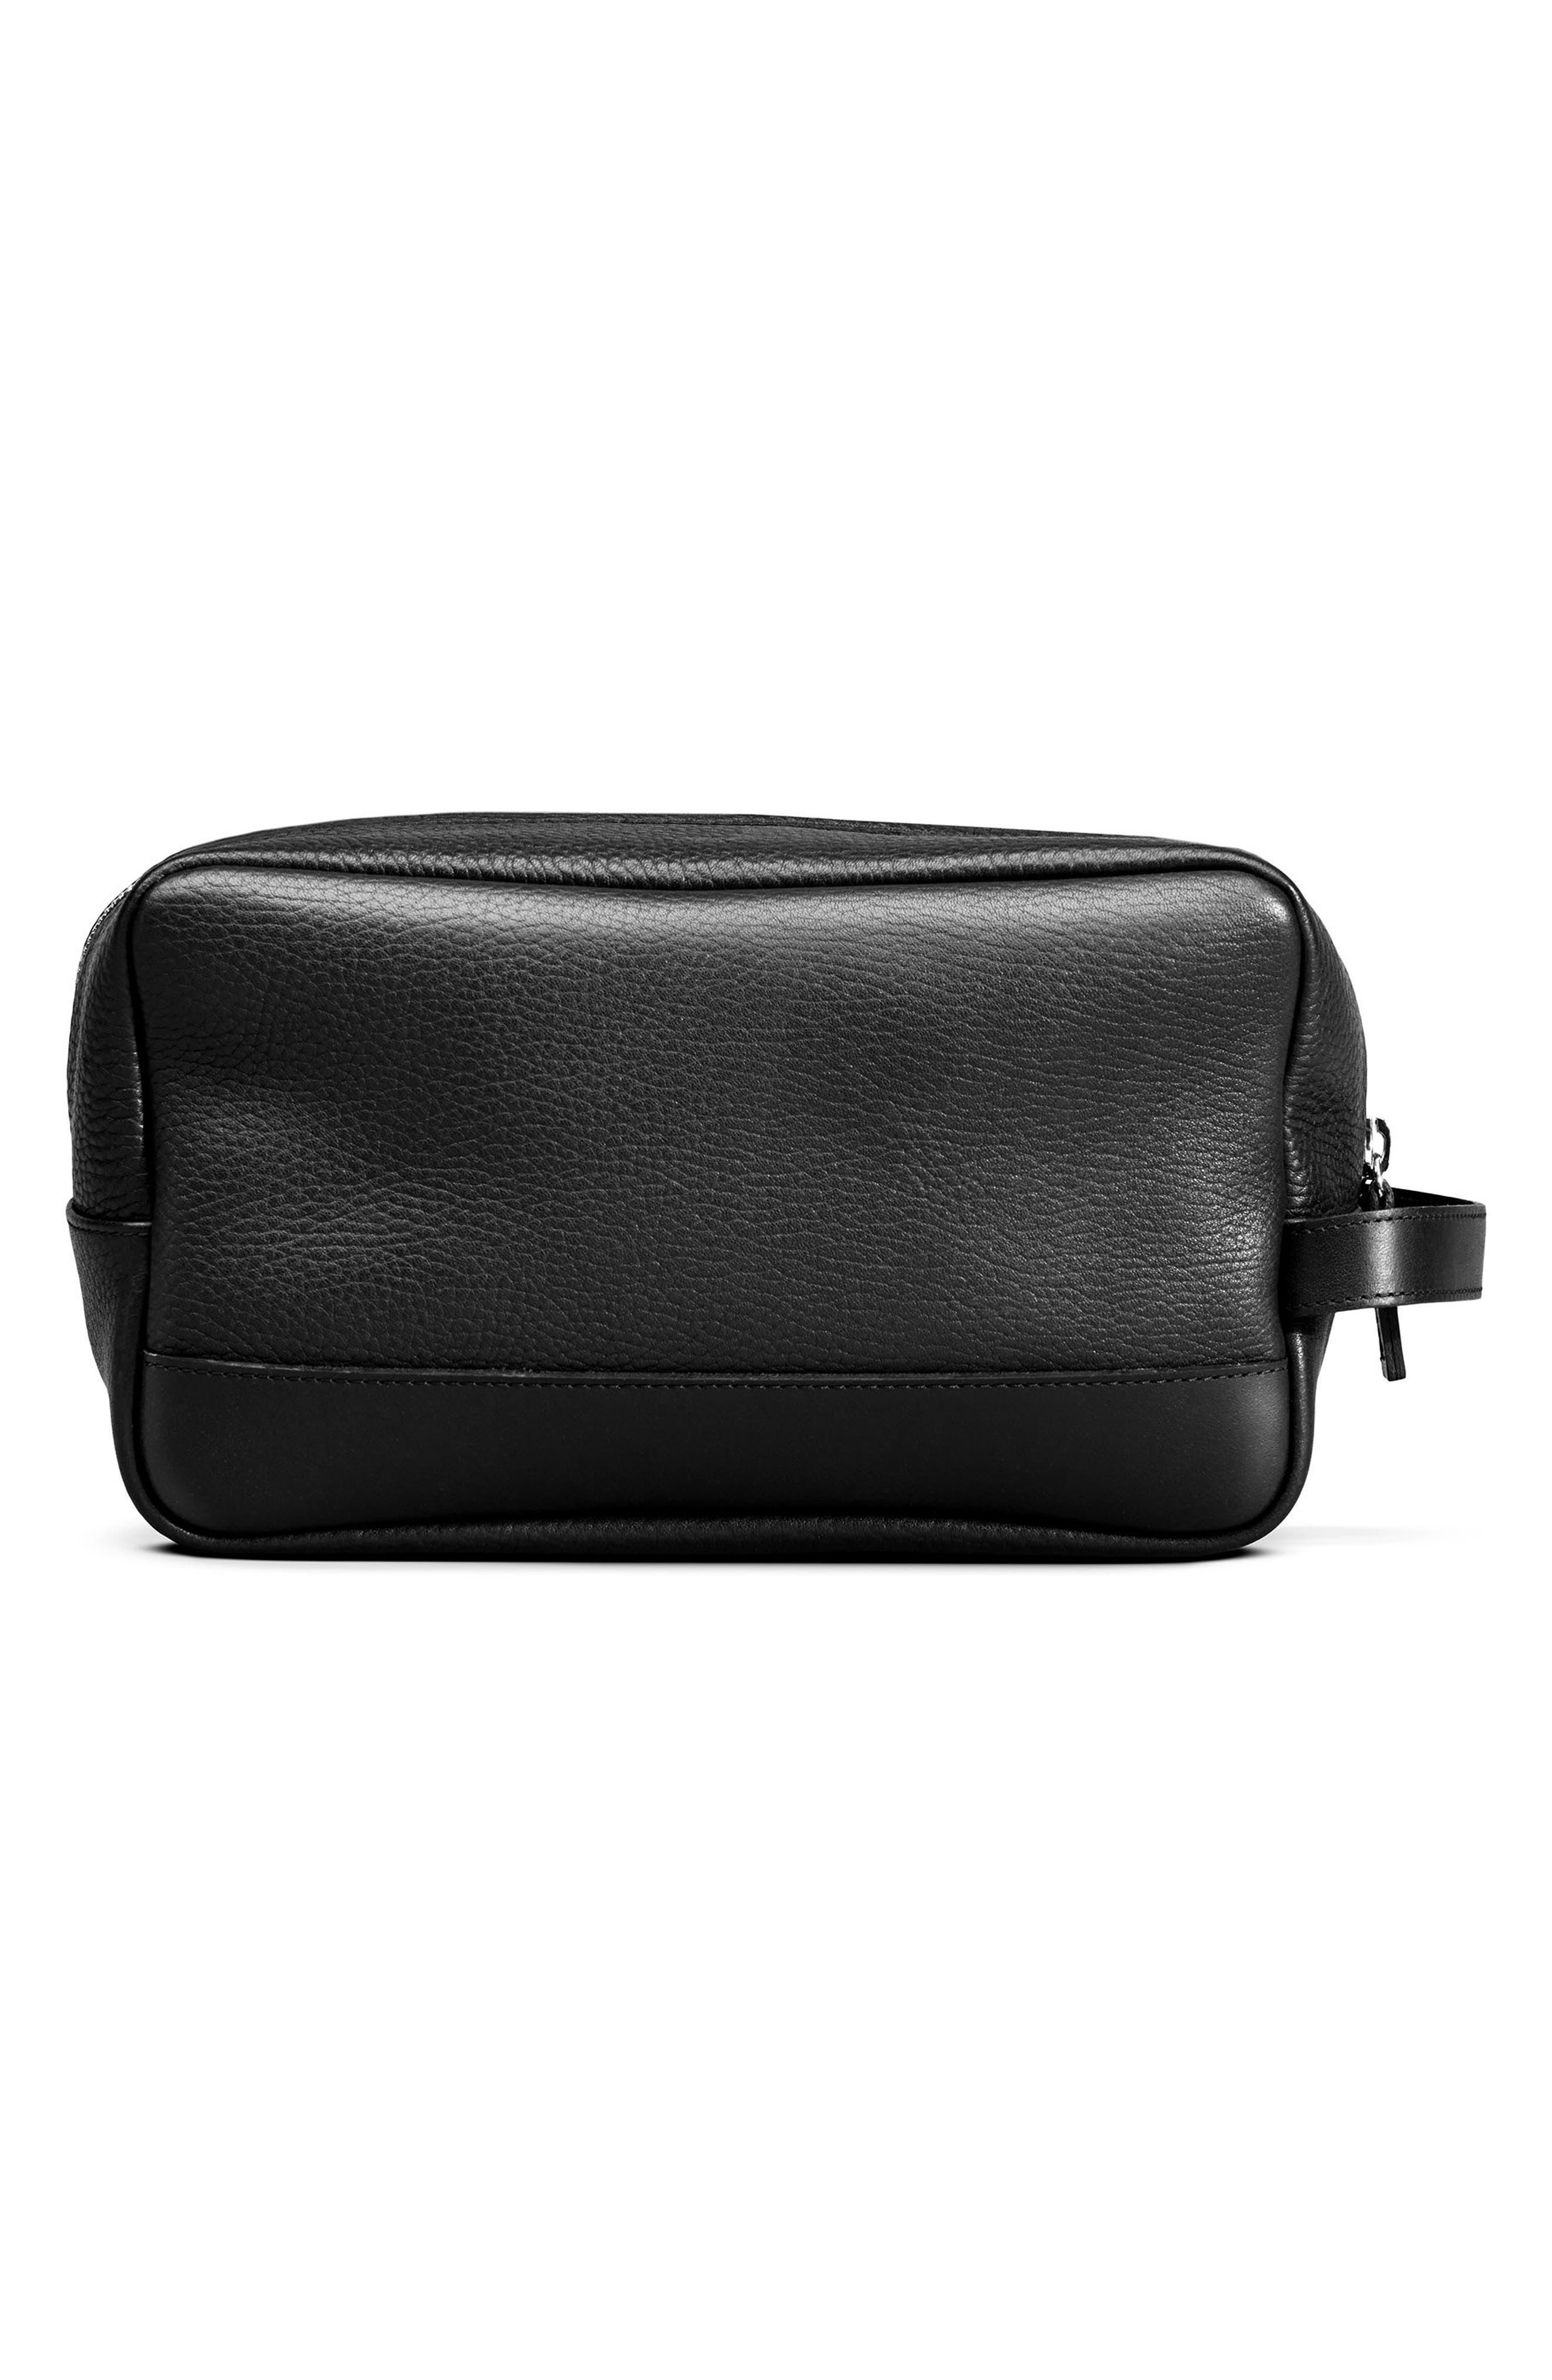 Leather Travel Kit,                             Alternate thumbnail 2, color,                             BLACK